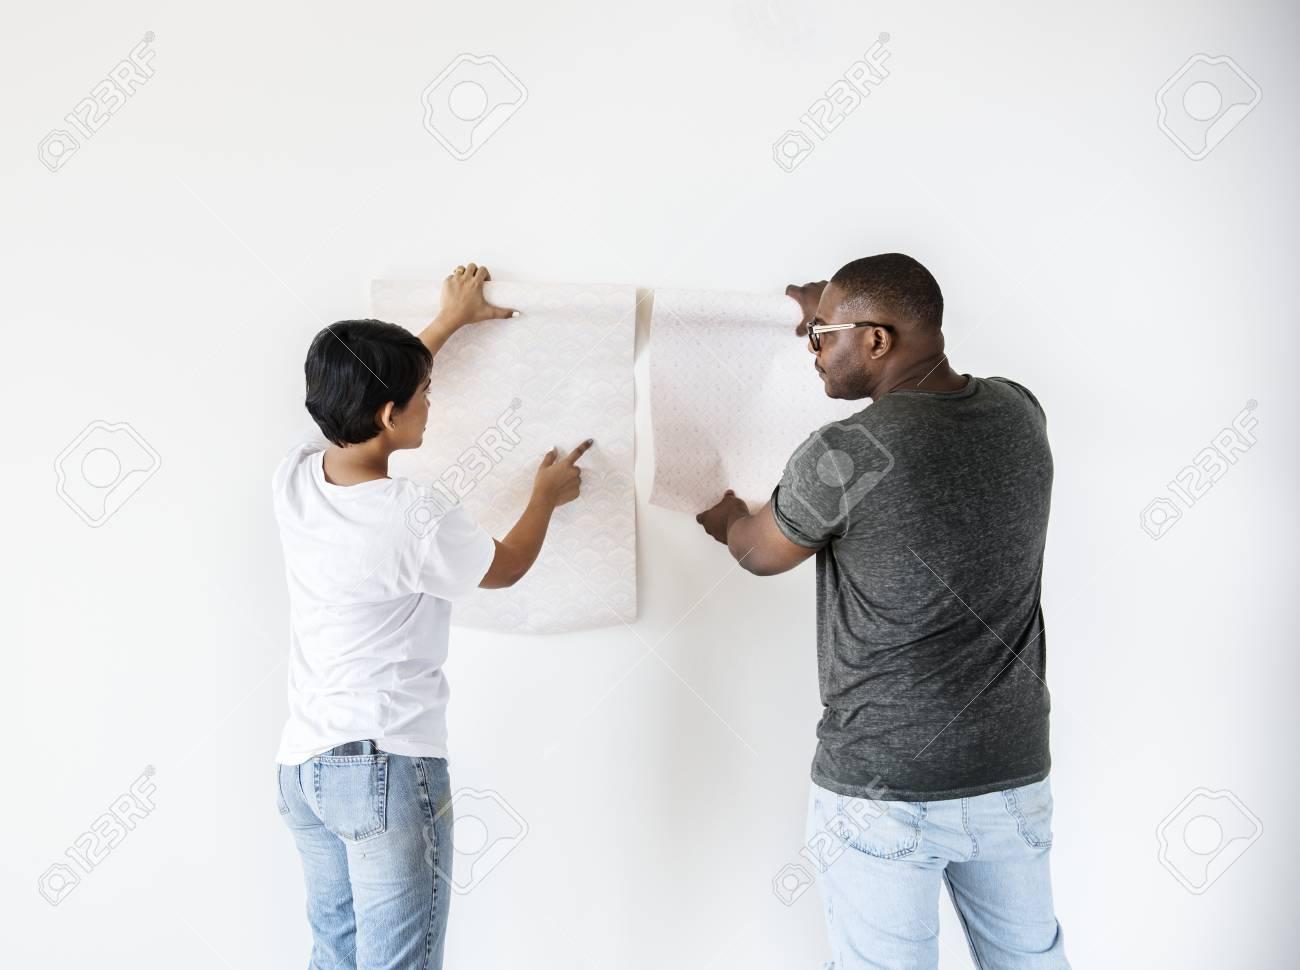 Choosing a wallpaper 4